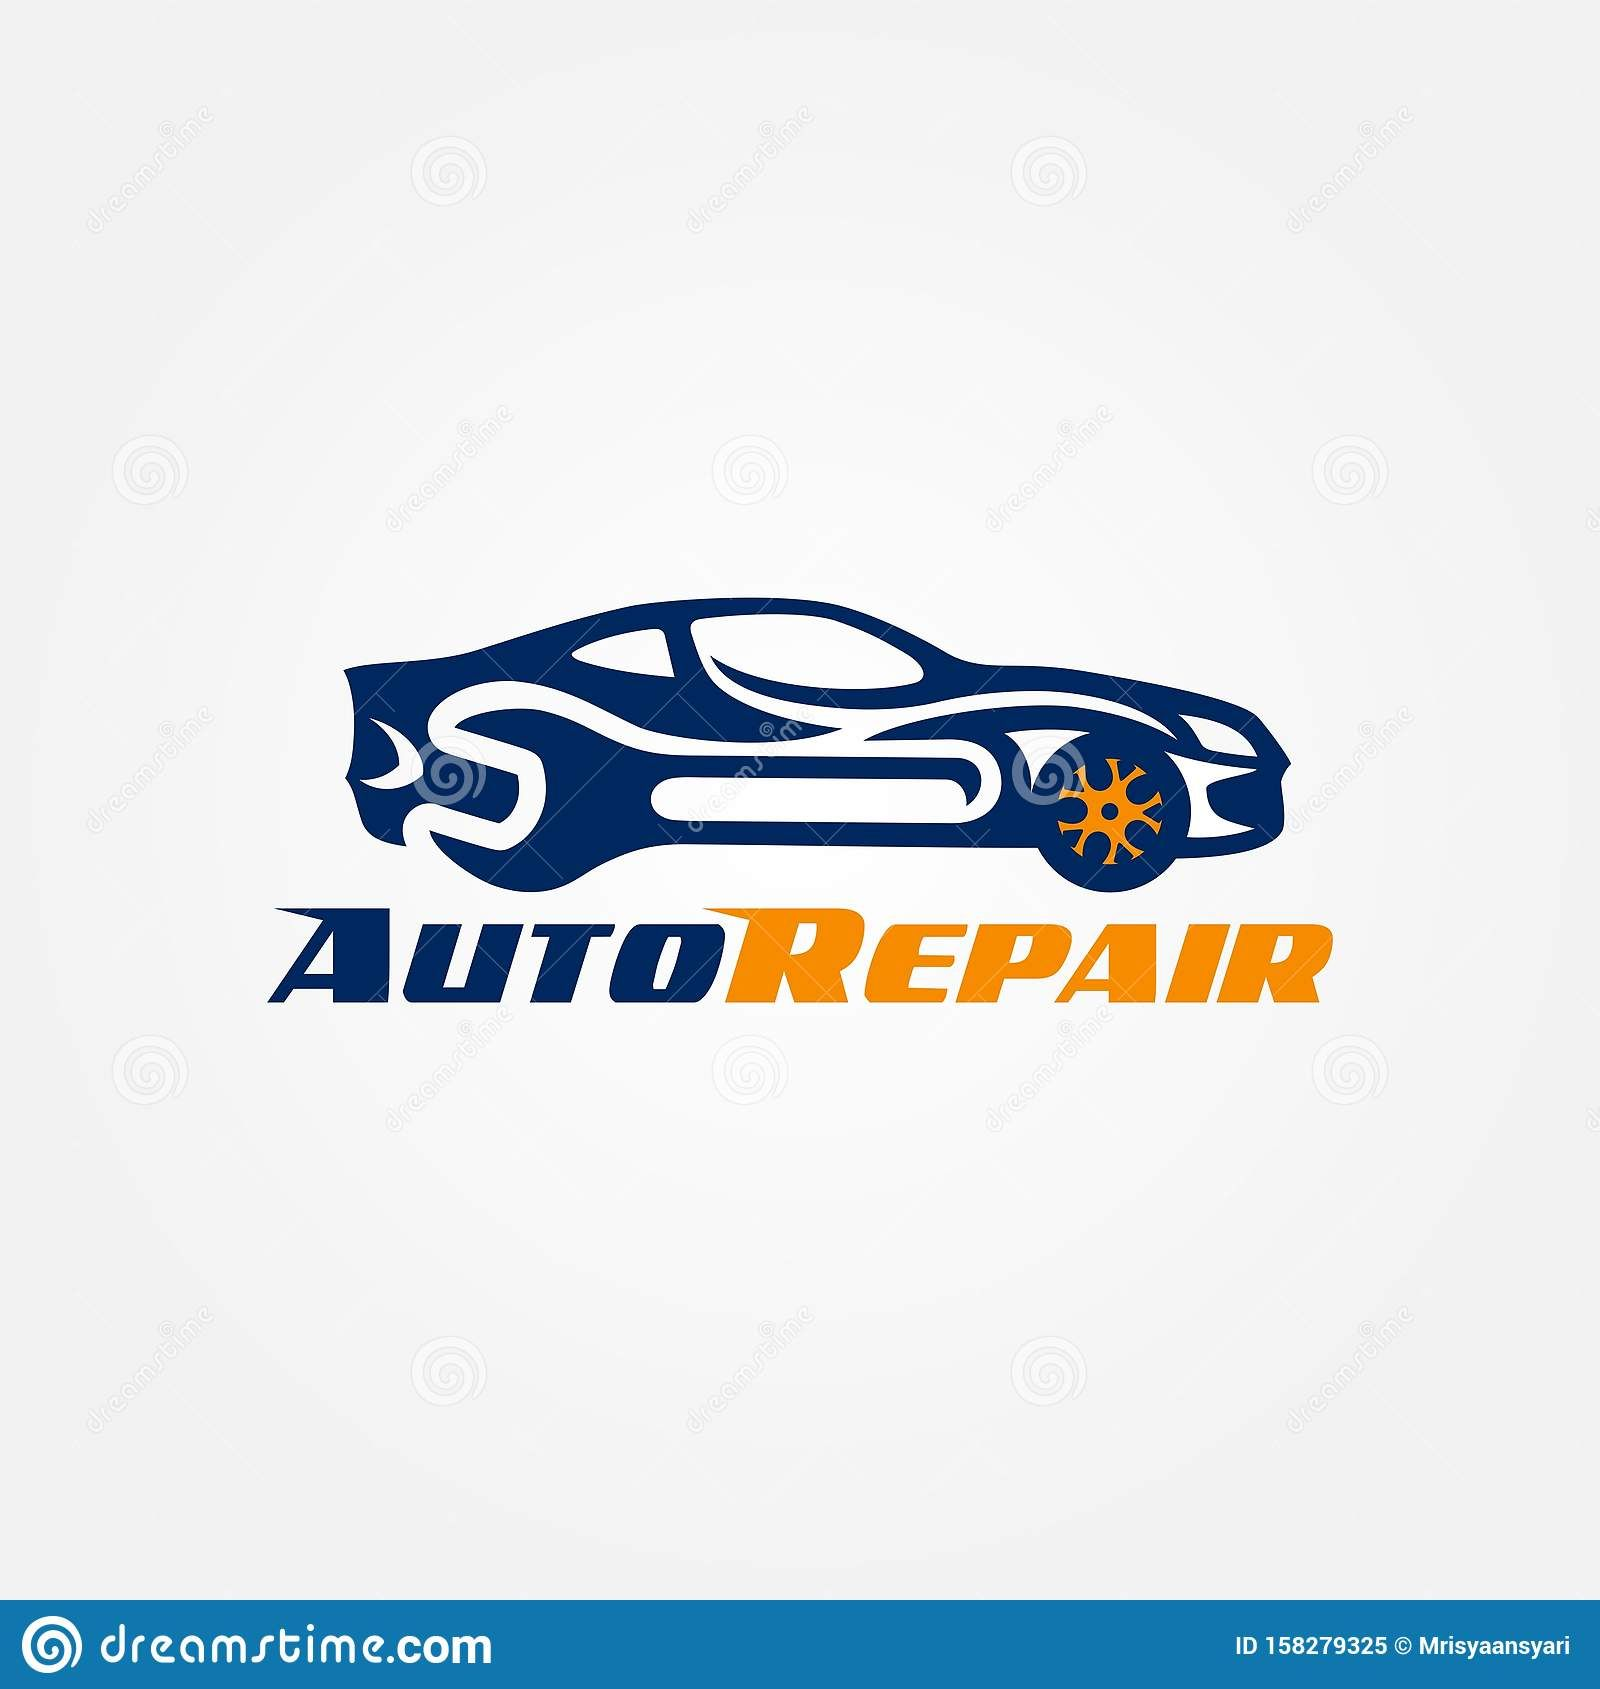 Pin By Kayla Schindler On Alex Diagnostic Repair Performance Auto Repair Shop Auto Repair Shop Logo